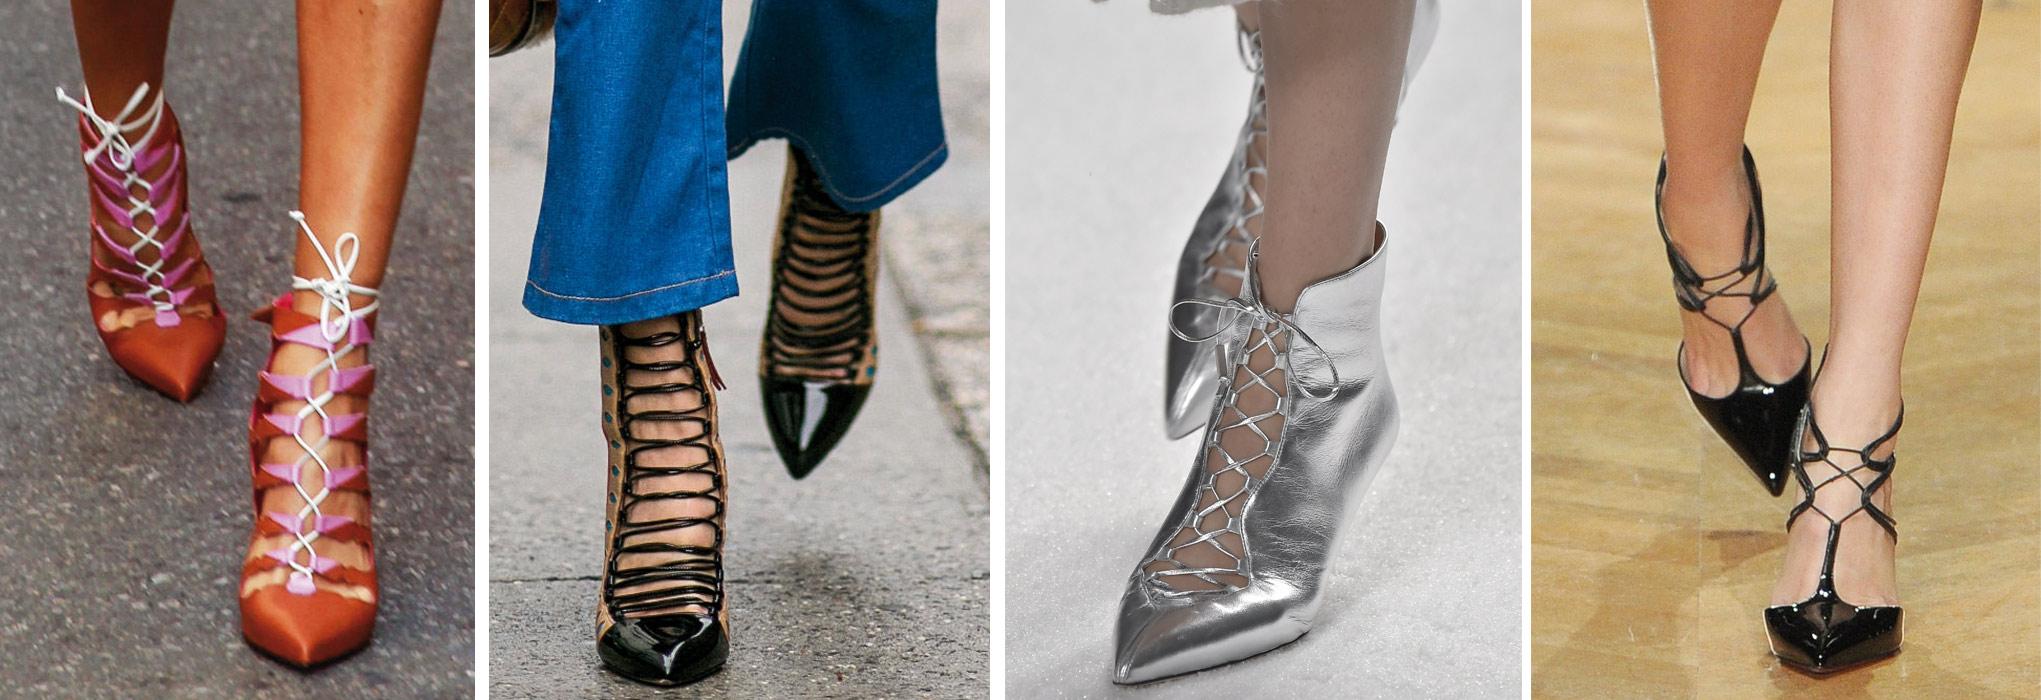 f91b41621a Zapatos clave de mujer para otoño-invierno 2016 2017